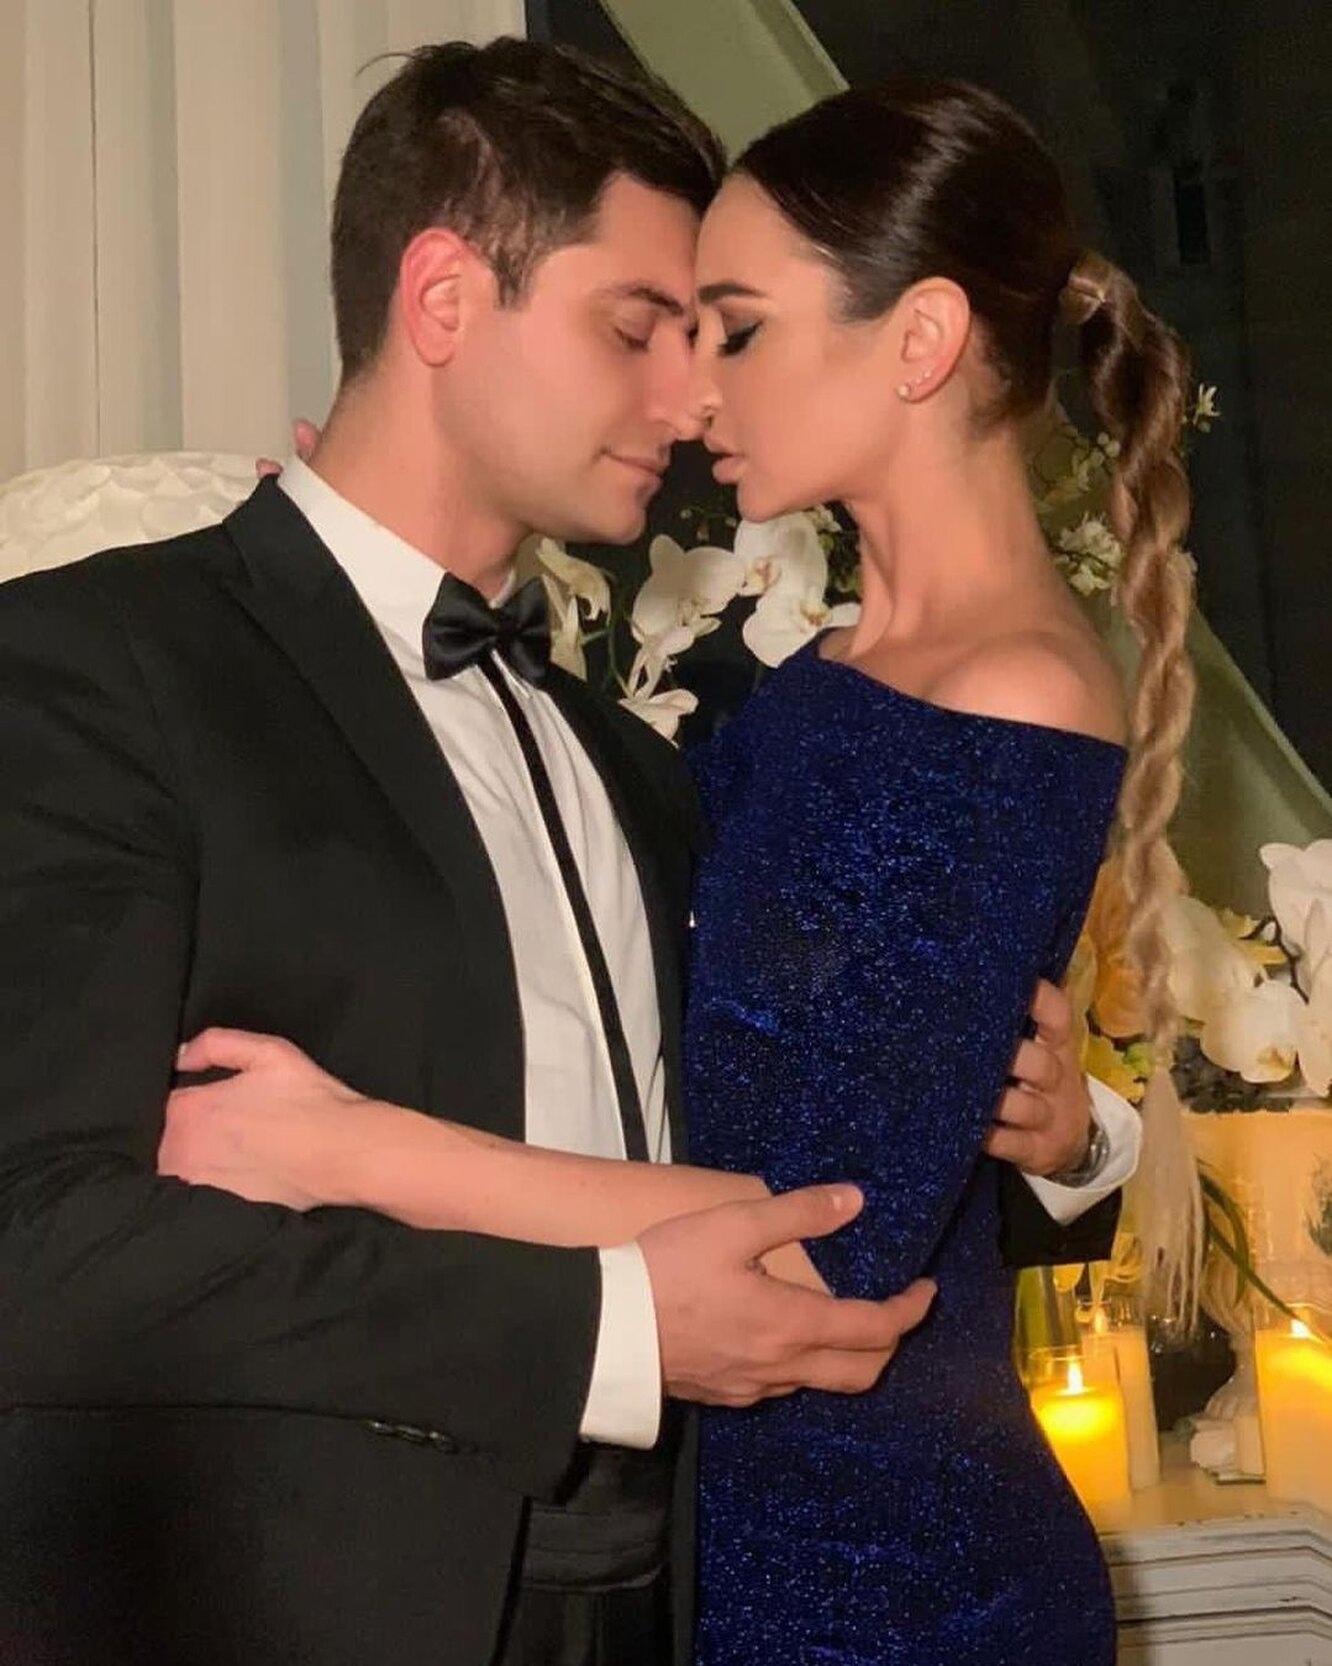 Давид Манукян рассказал про свадьбу с Ольгой Бузовой